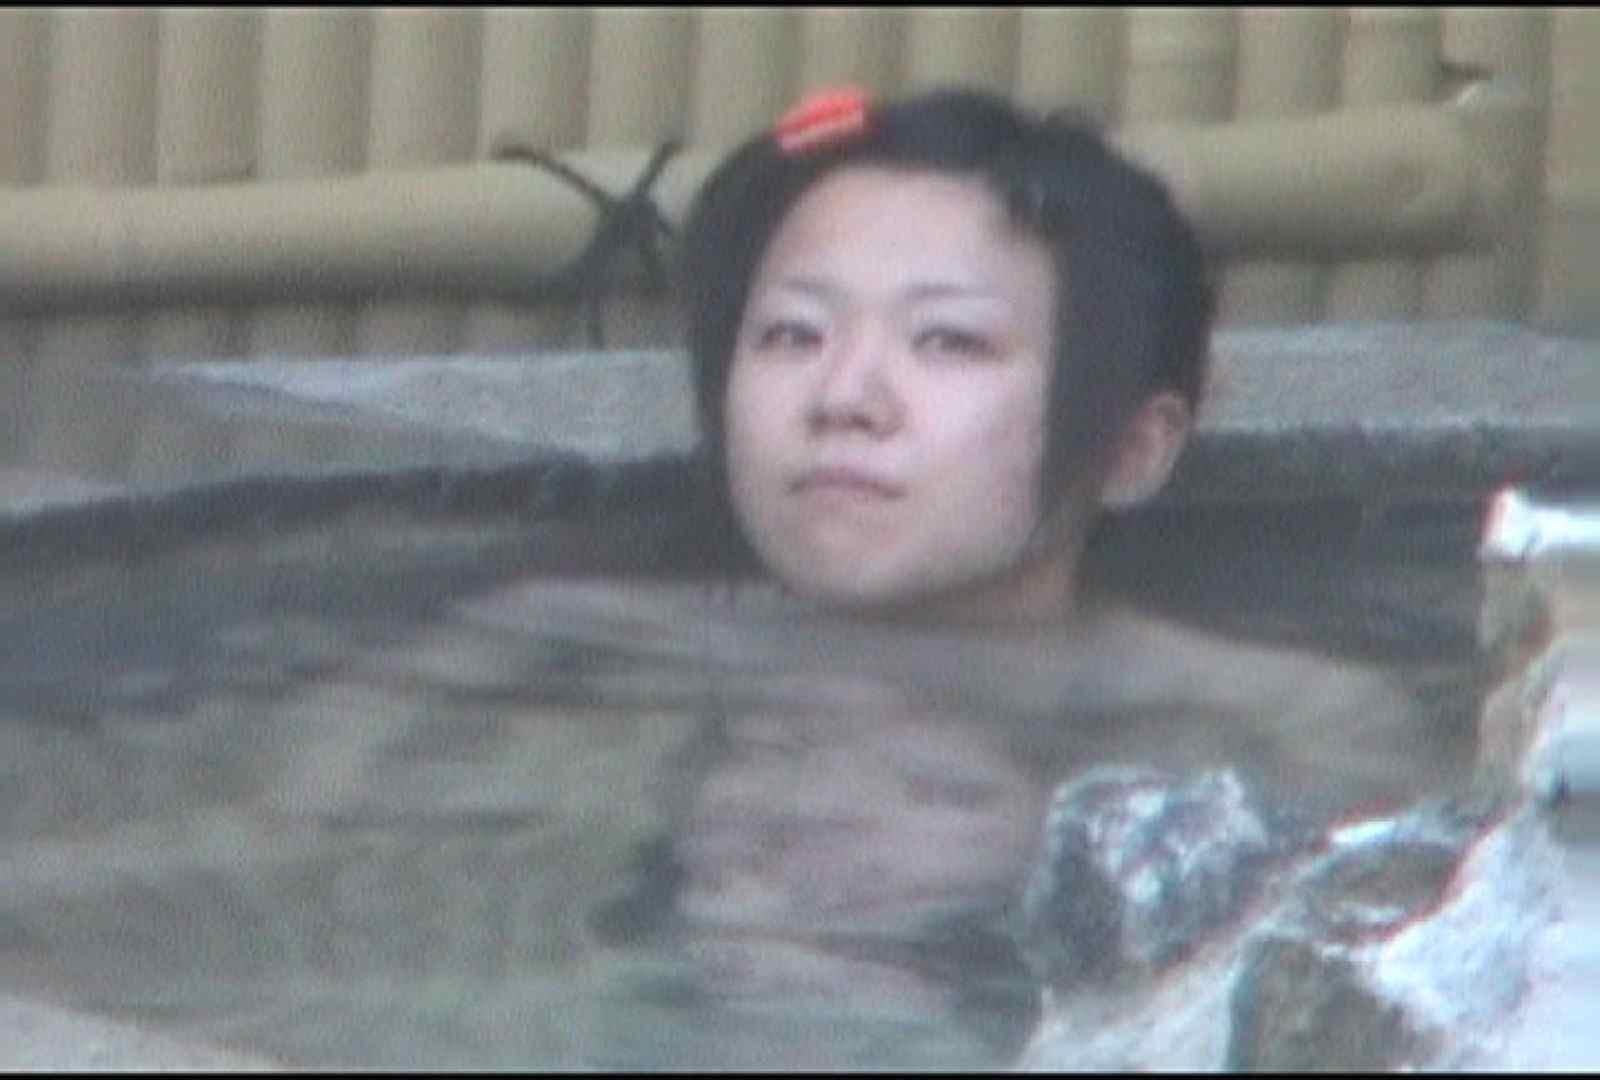 Aquaな露天風呂Vol.175 OLのエロ生活  71連発 48